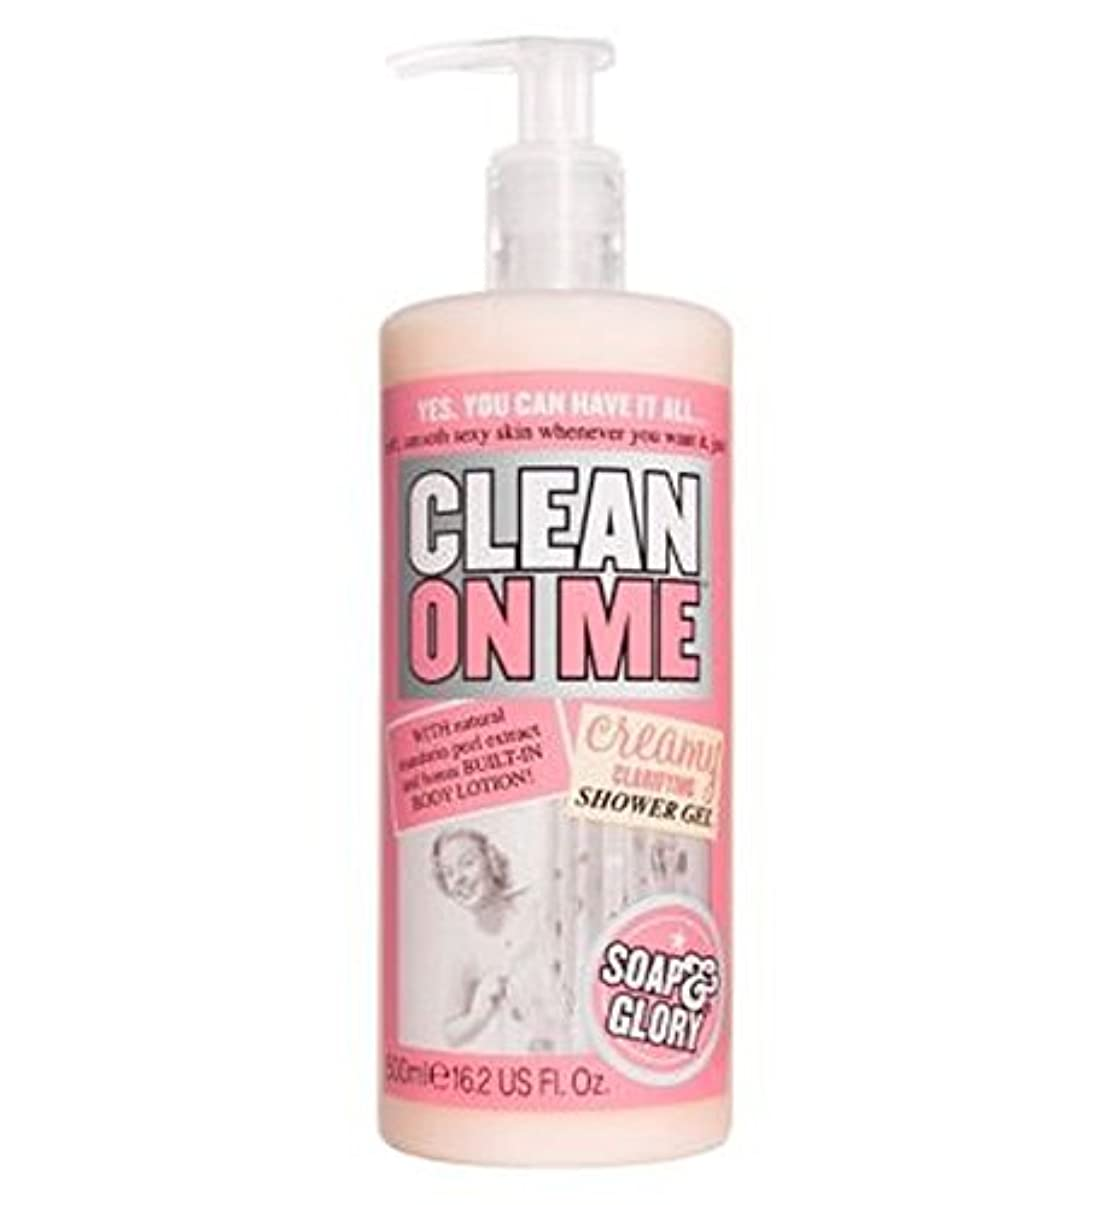 書き込みダルセット折り目Soap & Glory Clean On Me Creamy Clarifying Shower Gel 500ml - 私にきれいな石鹸&栄光はシャワージェル500ミリリットルを明確にクリーミー (Soap & Glory) [並行輸入品]